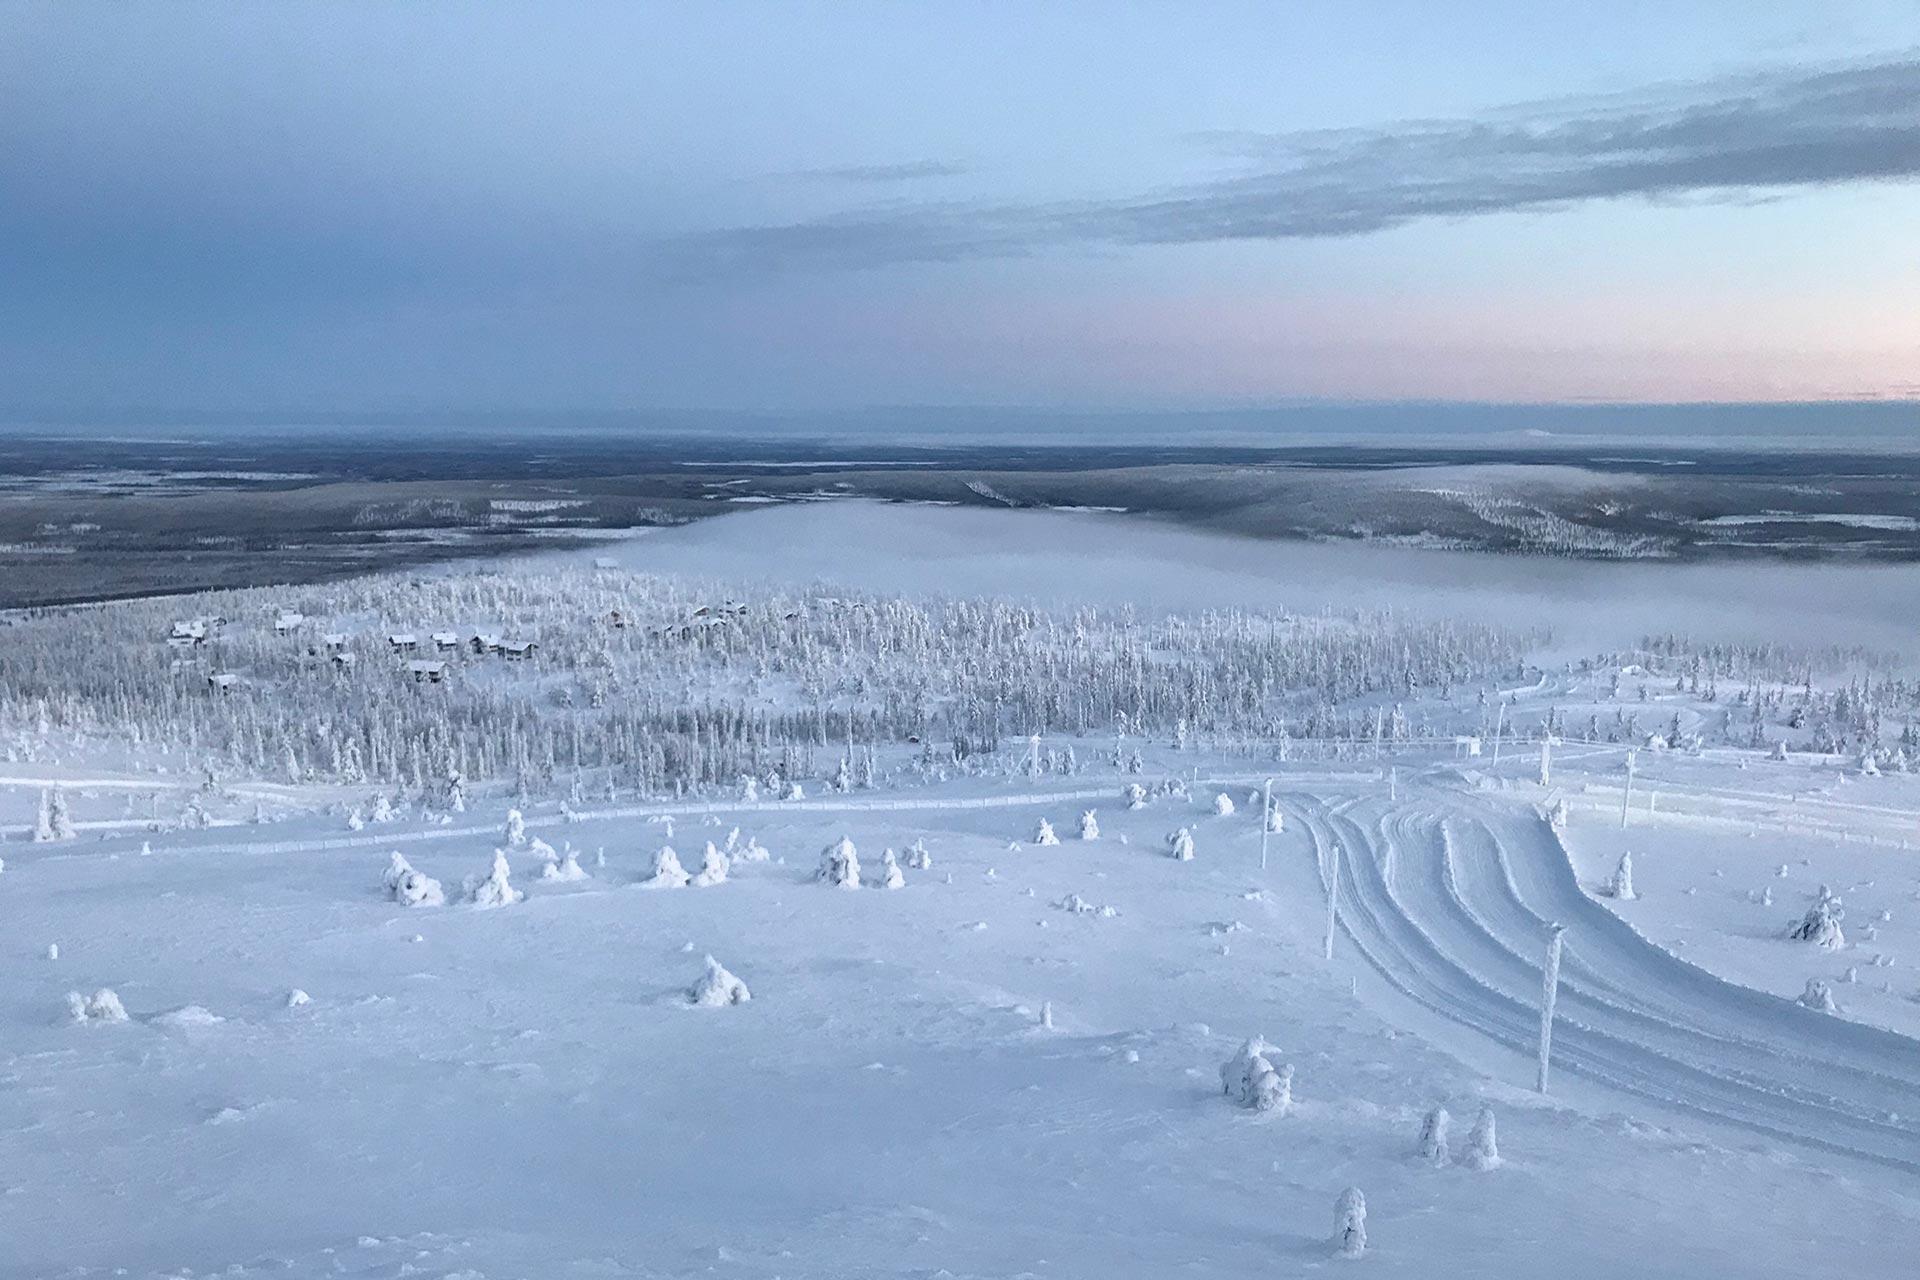 Laskettelurinne Levillä talvisen auringonlaskun aikaan